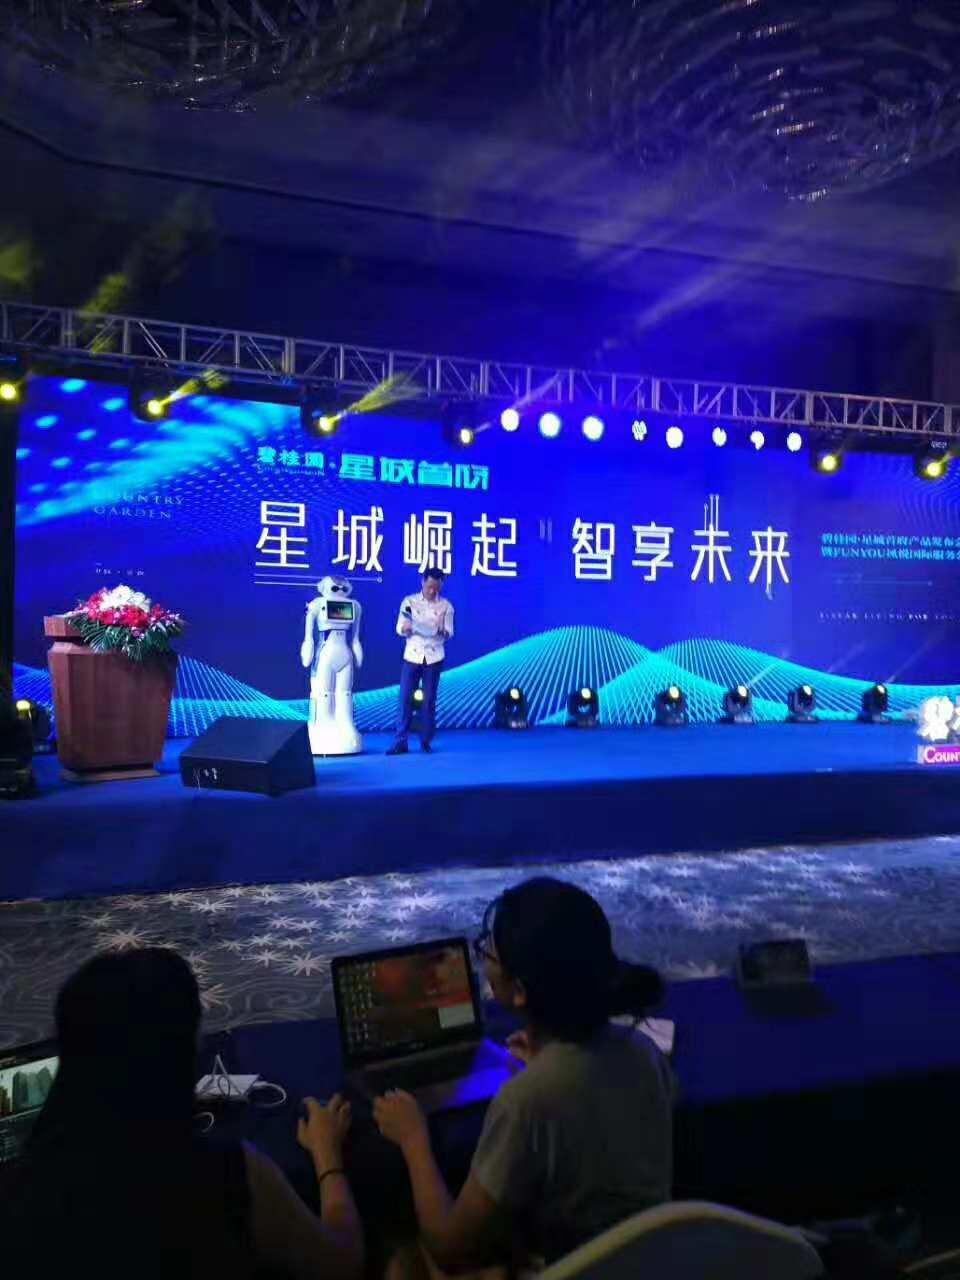 大白机器人案例碧桂园